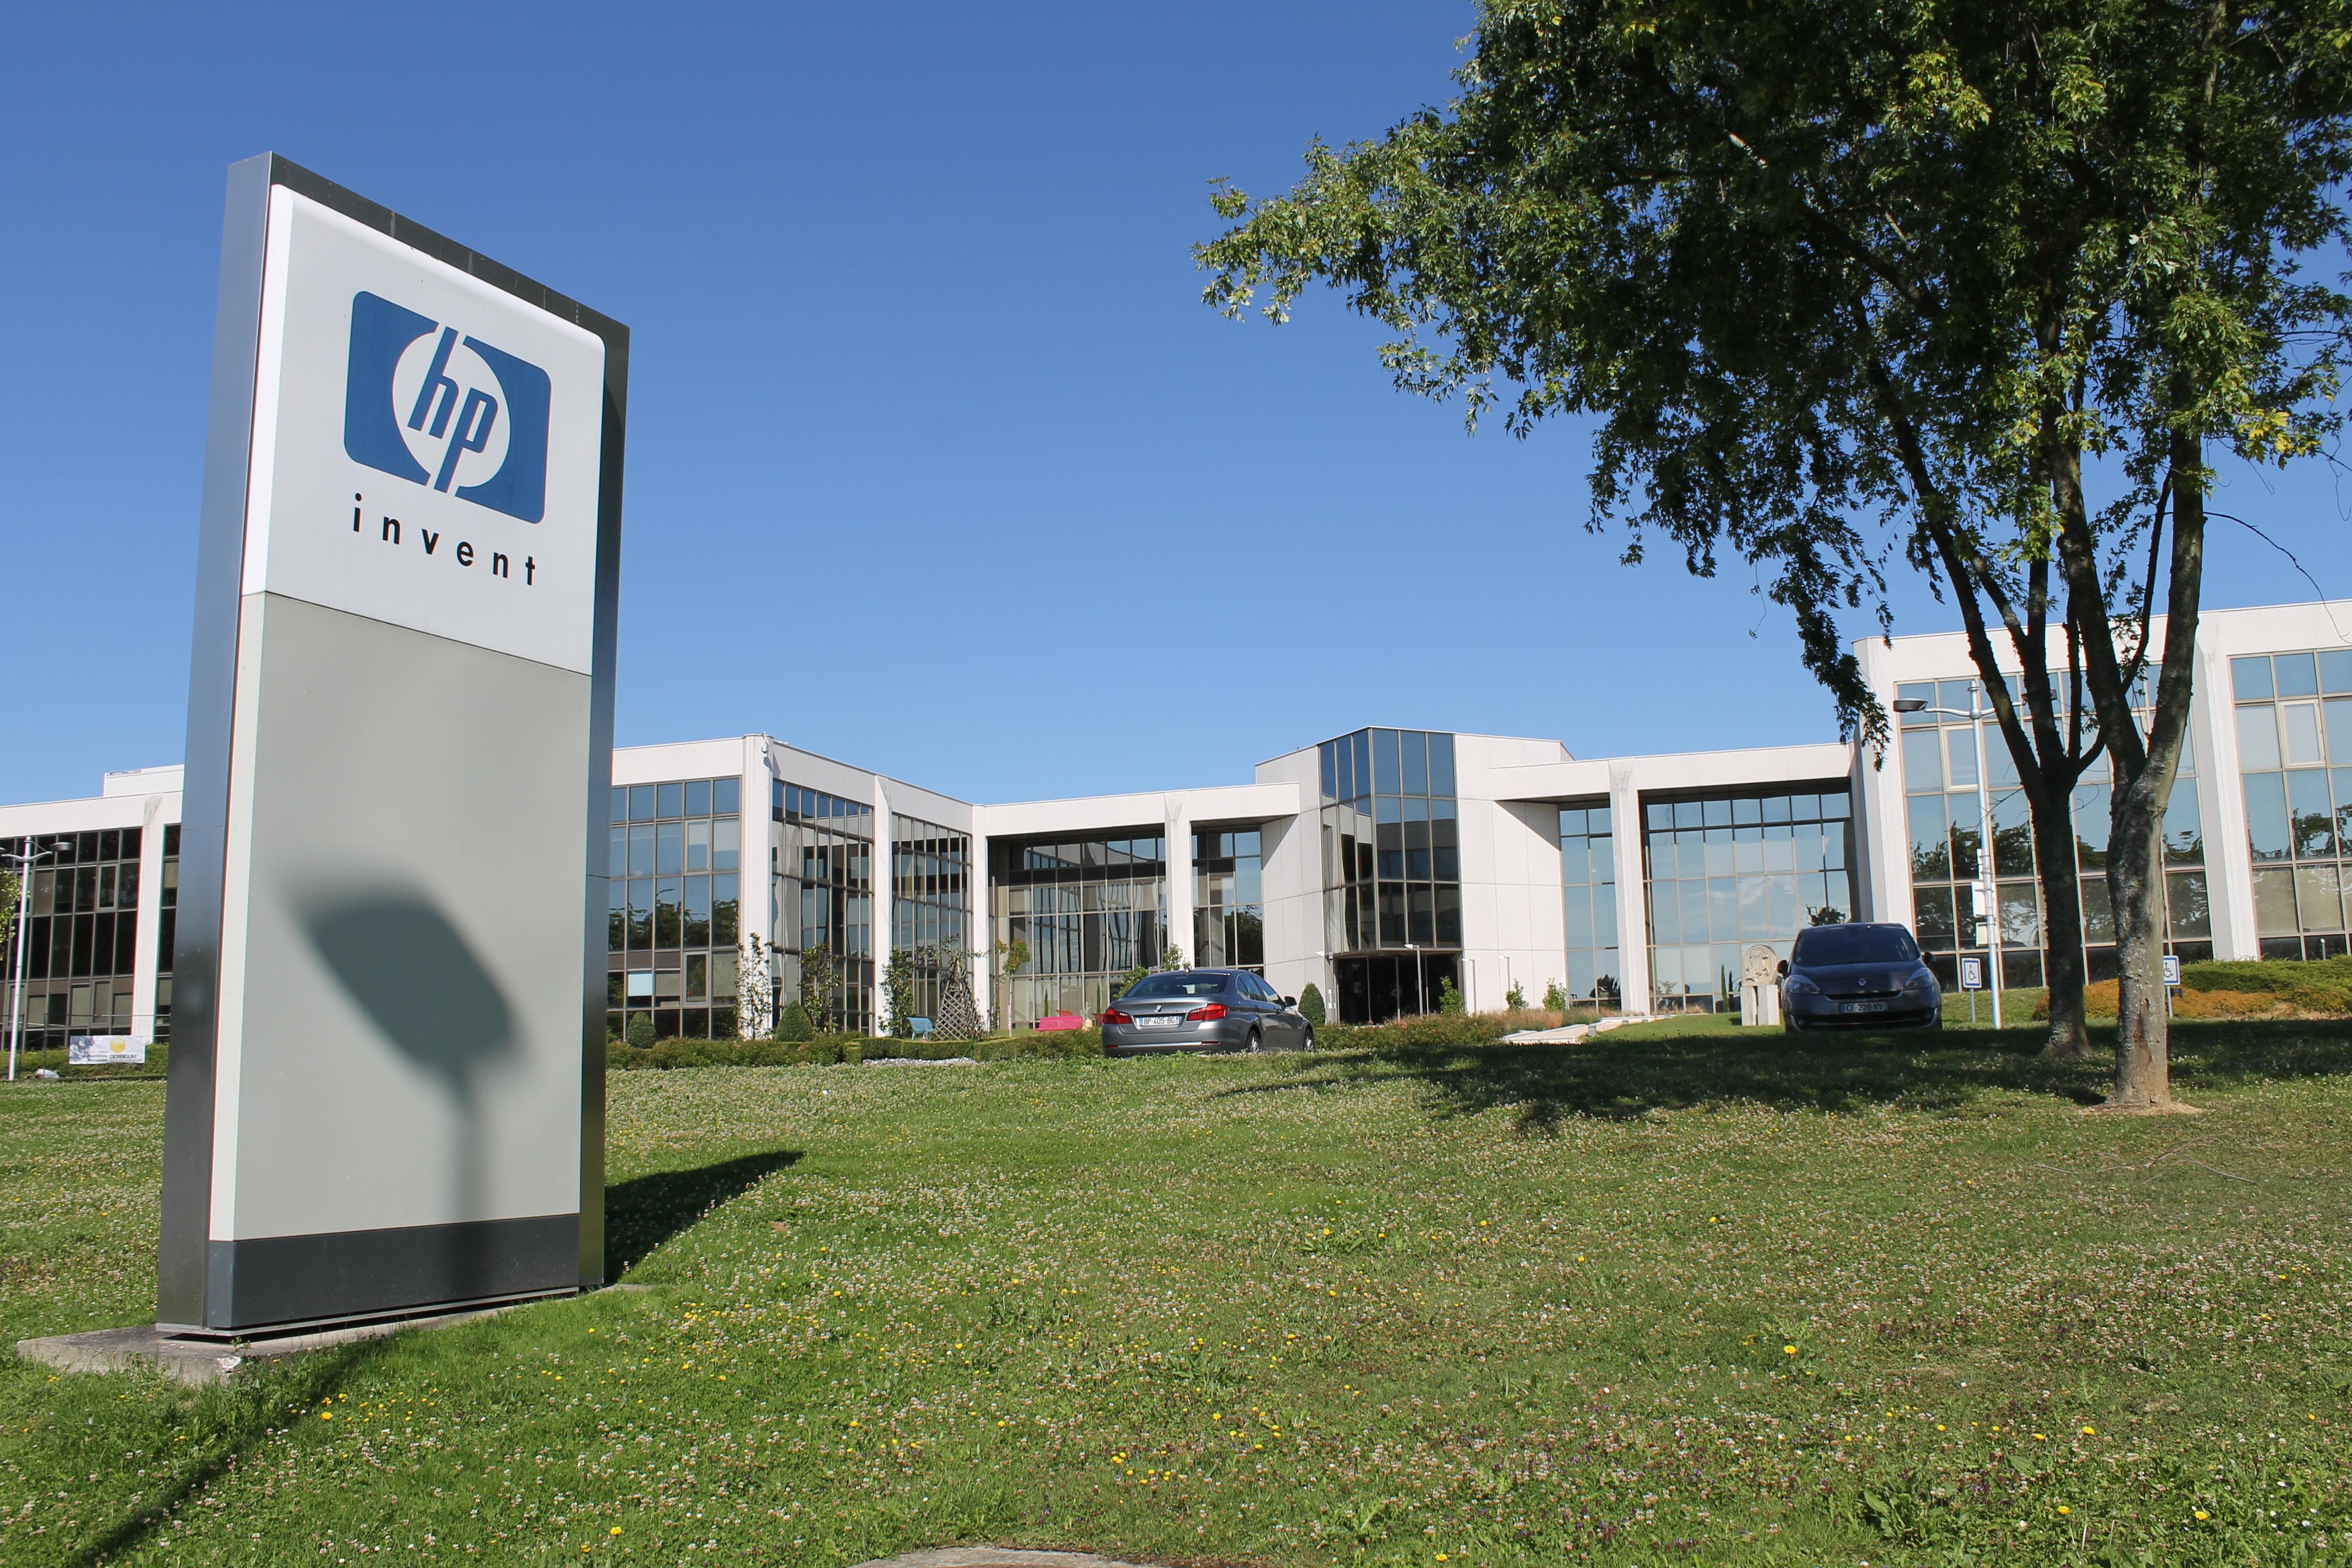 انهيار مبيعات الحاسبات الشخصية يسبب في تراجع أرباح (HP)